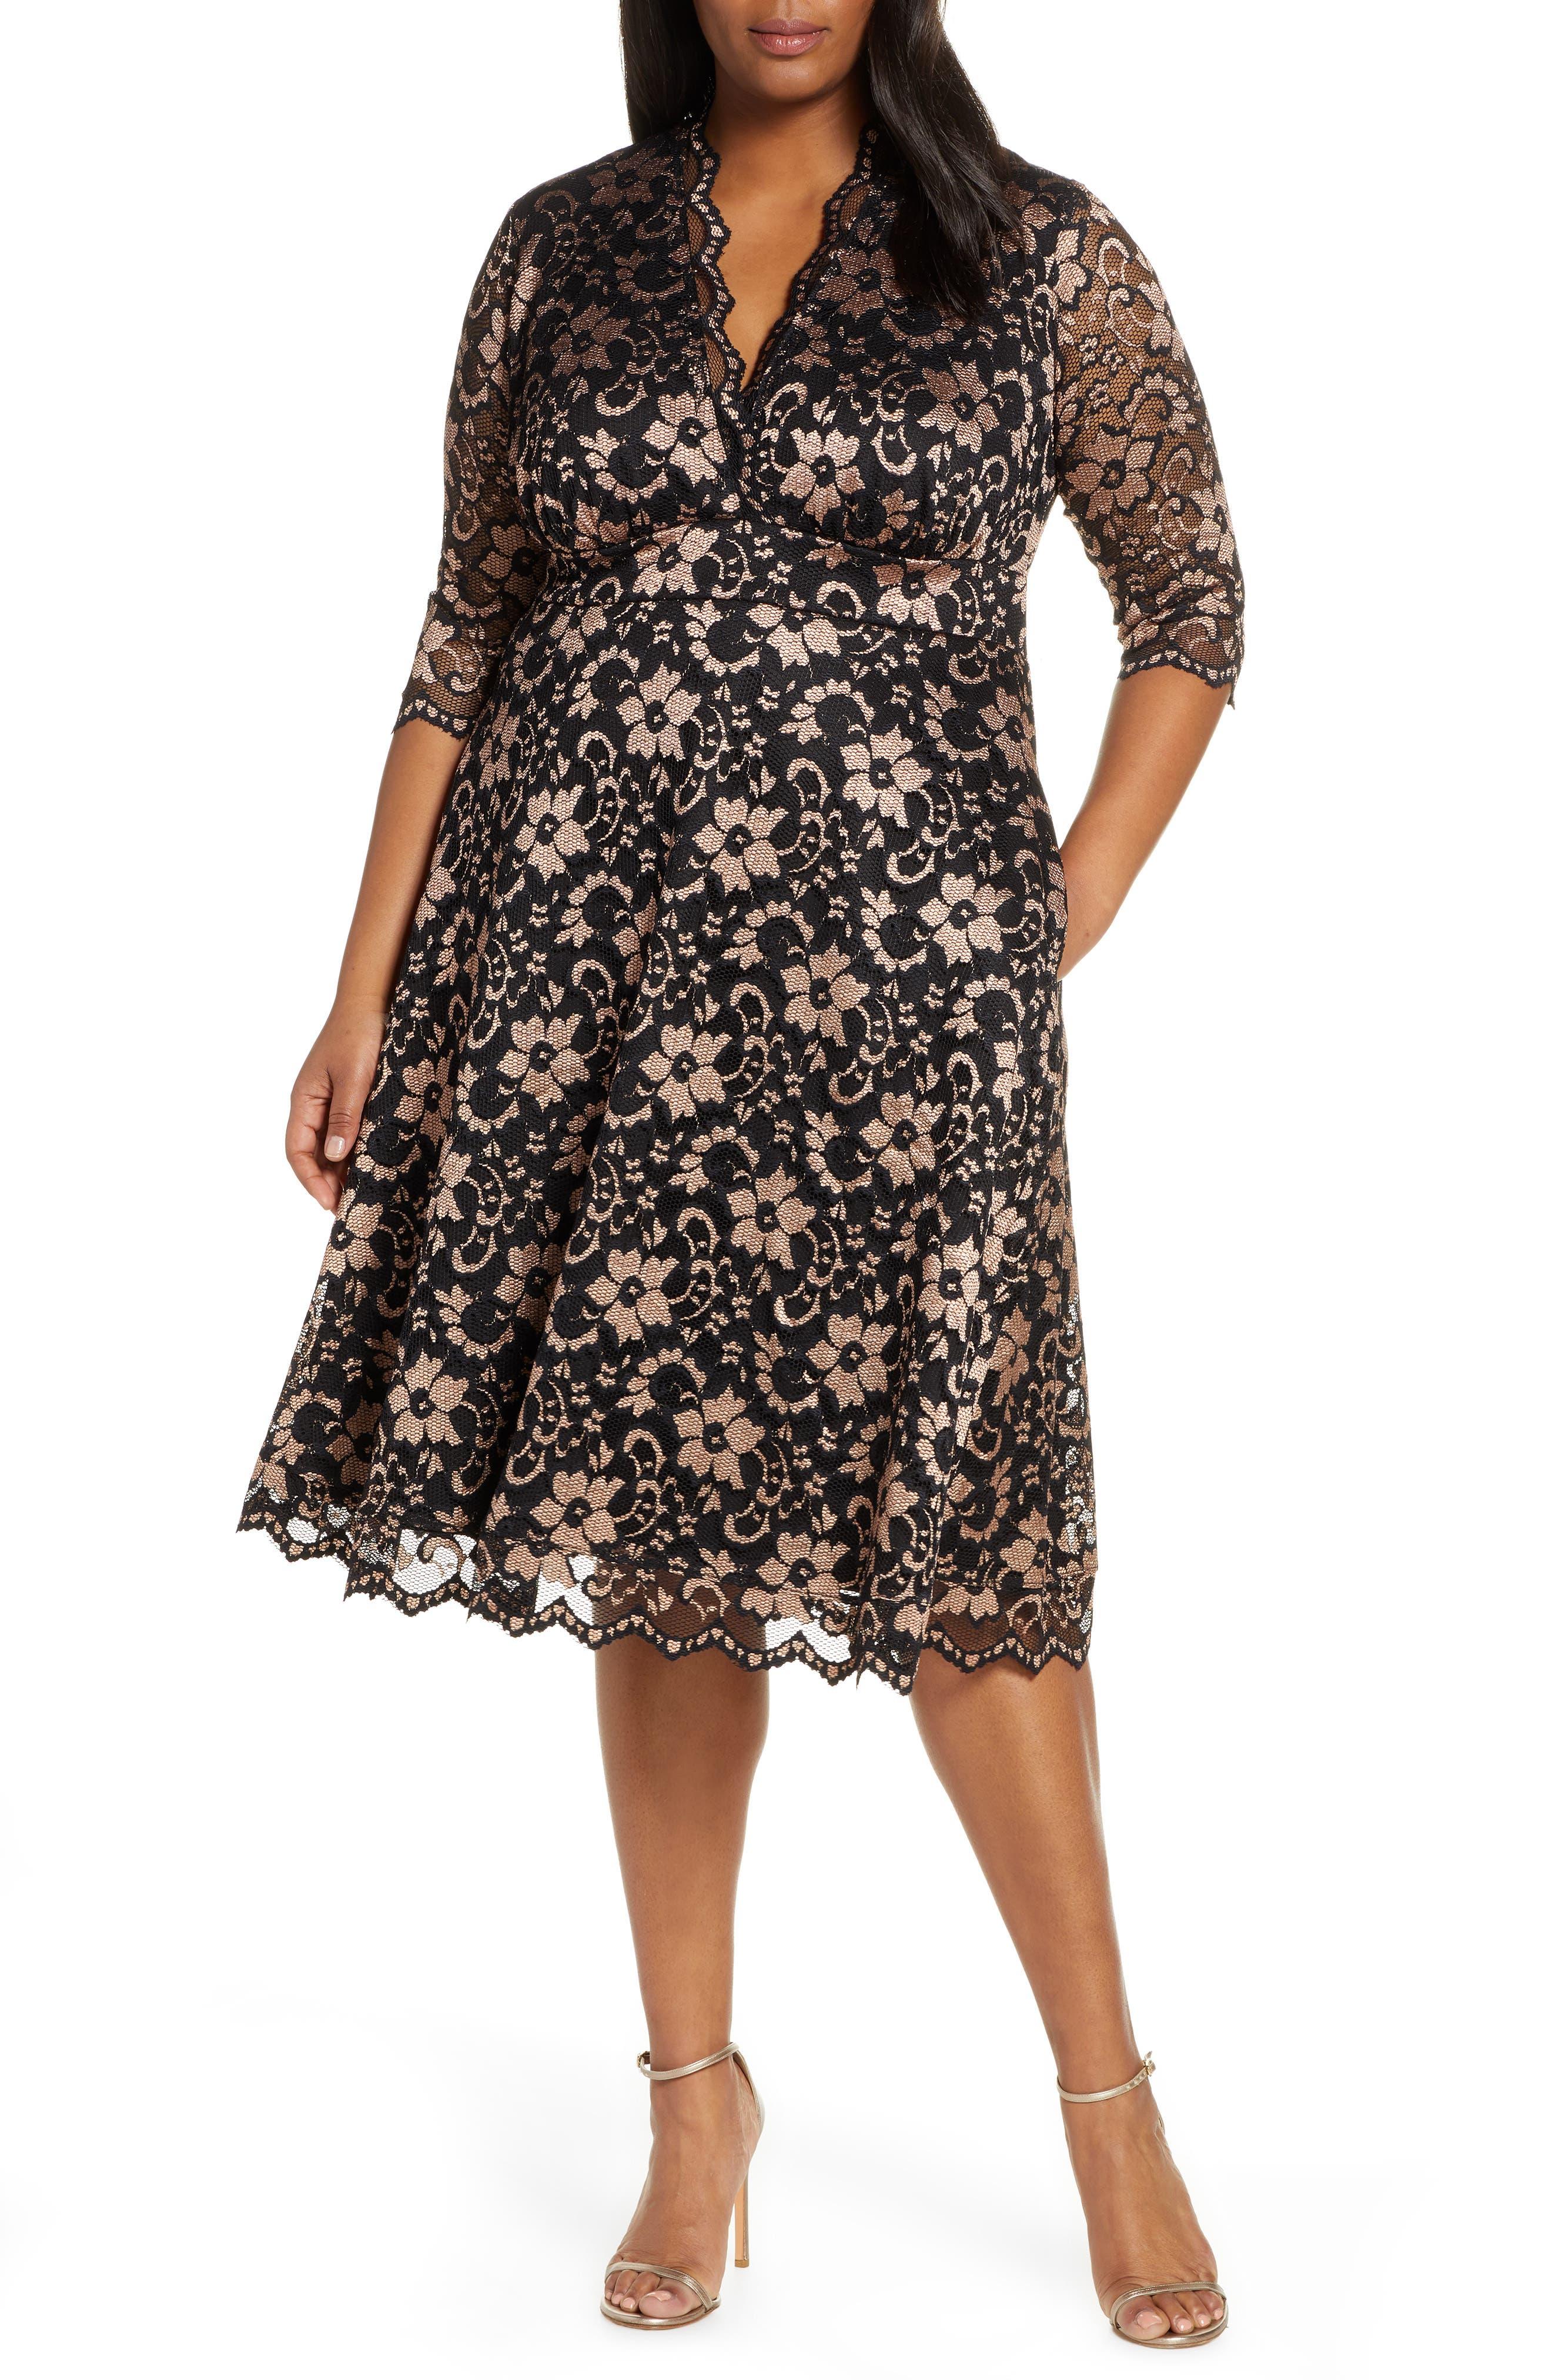 60s 70s Plus Size Dresses, Clothing, Costumes Plus Size Womens Kiyonna Mon Cheri Lace Cocktail Dress Size 2X - Black $168.00 AT vintagedancer.com